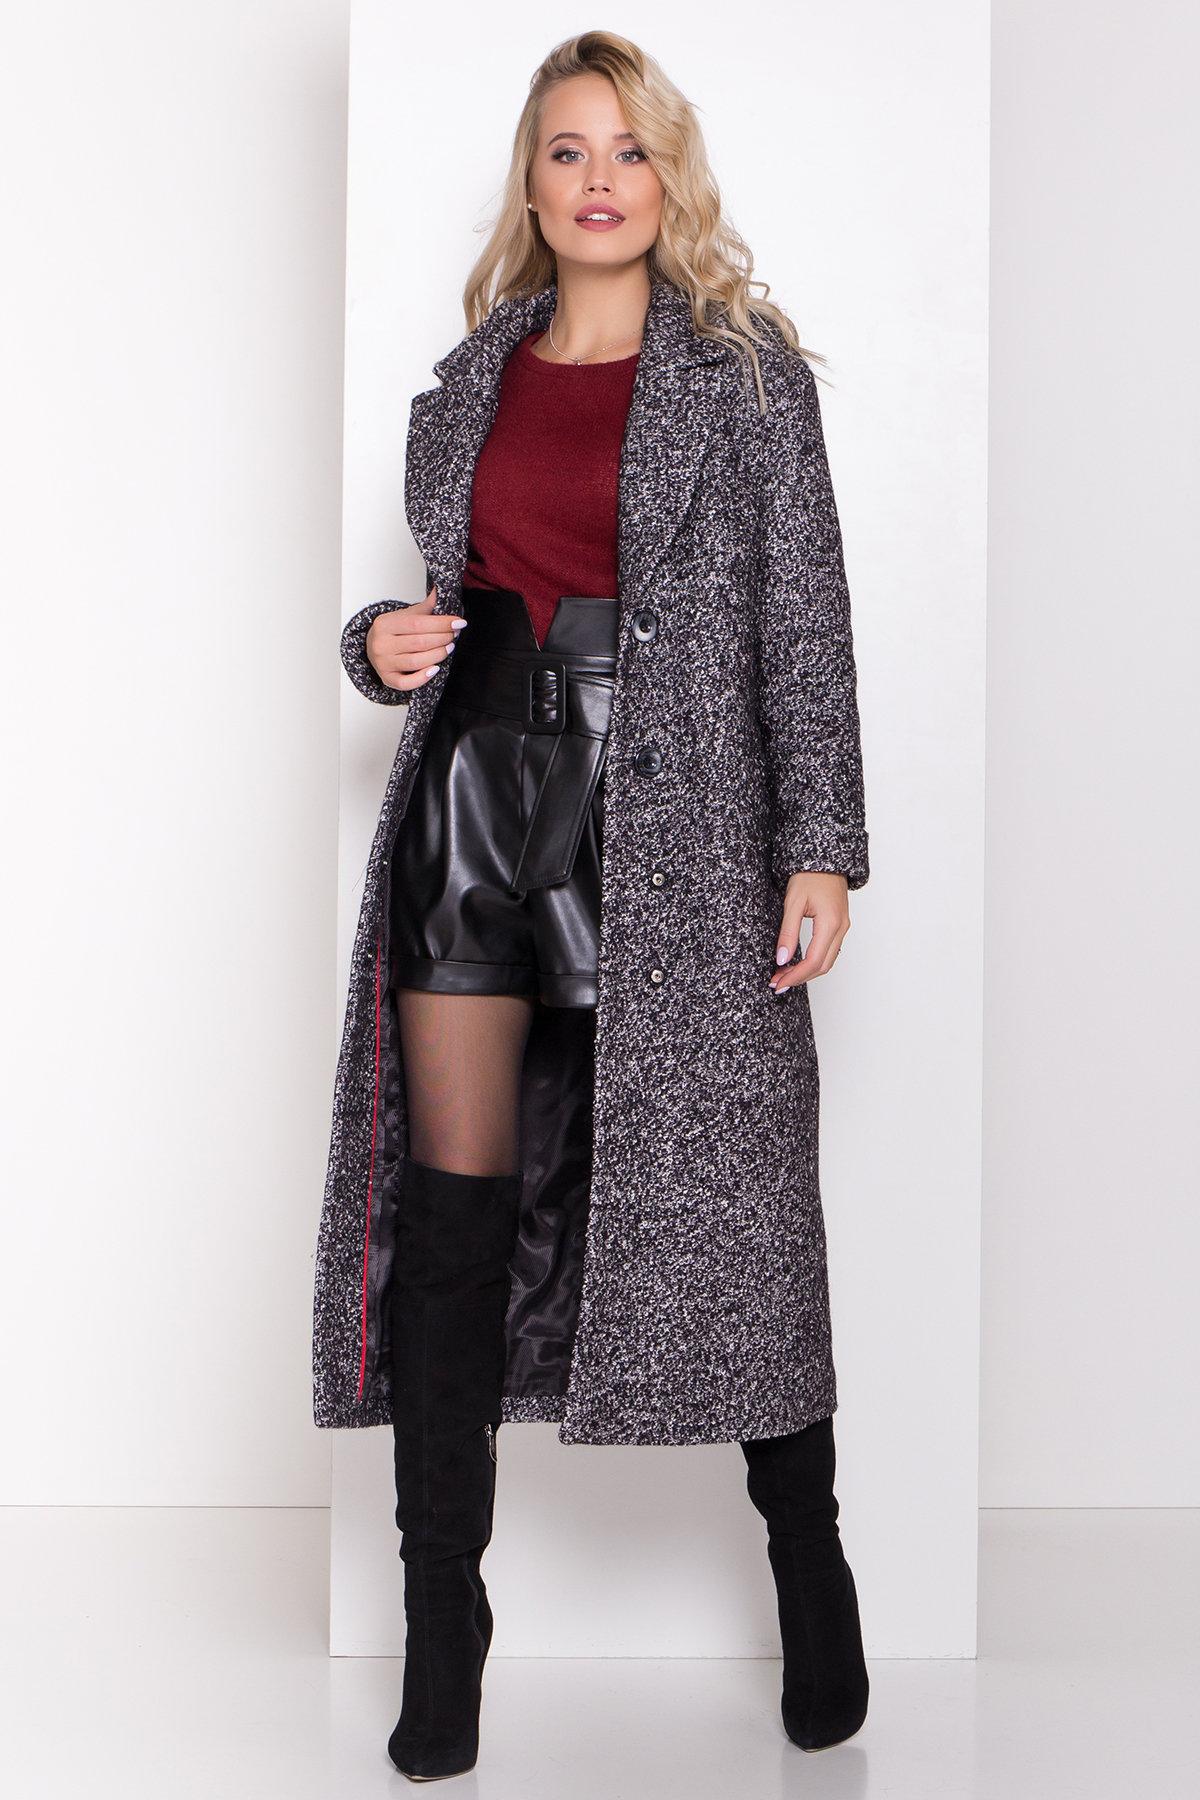 Теплое зимнее пальто буклированная шерсть Вива макси 8349 АРТ. 44517 Цвет: Черный/серый 61 - фото 9, интернет магазин tm-modus.ru